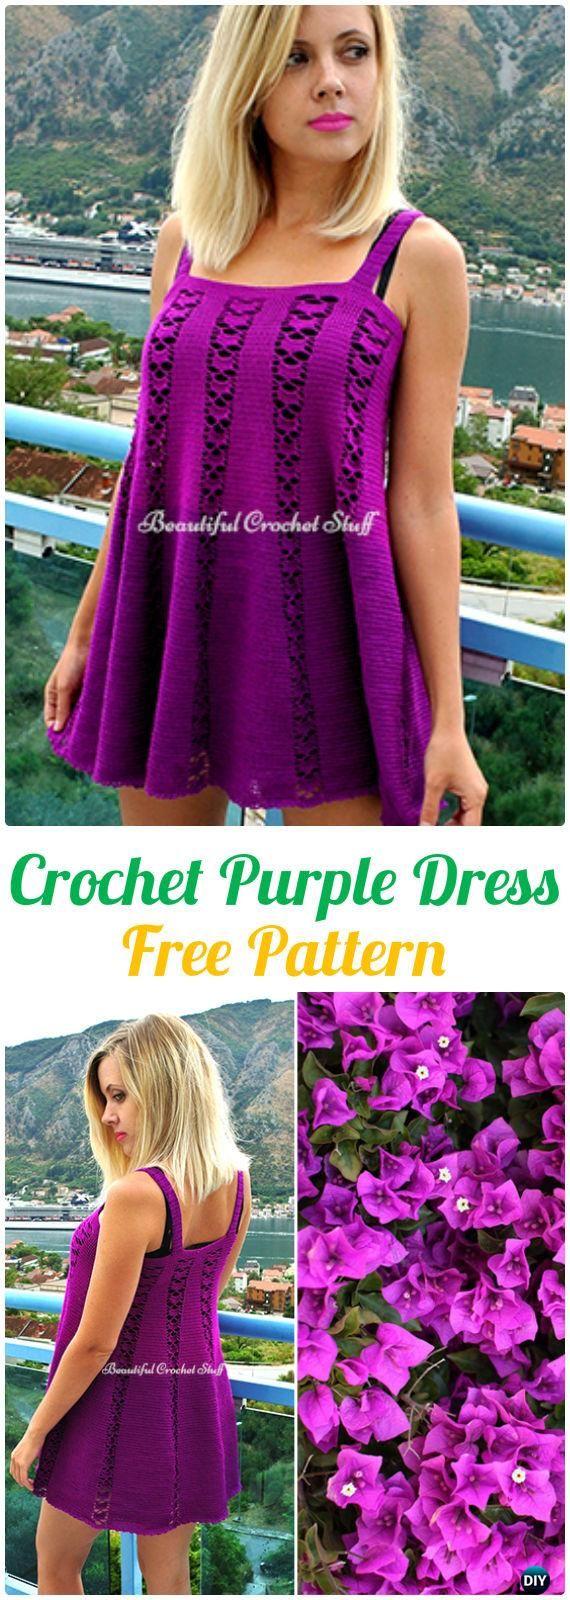 Crochet Purple Dress Free Pattern - #Crochet; Women #Dress; Free Patterns